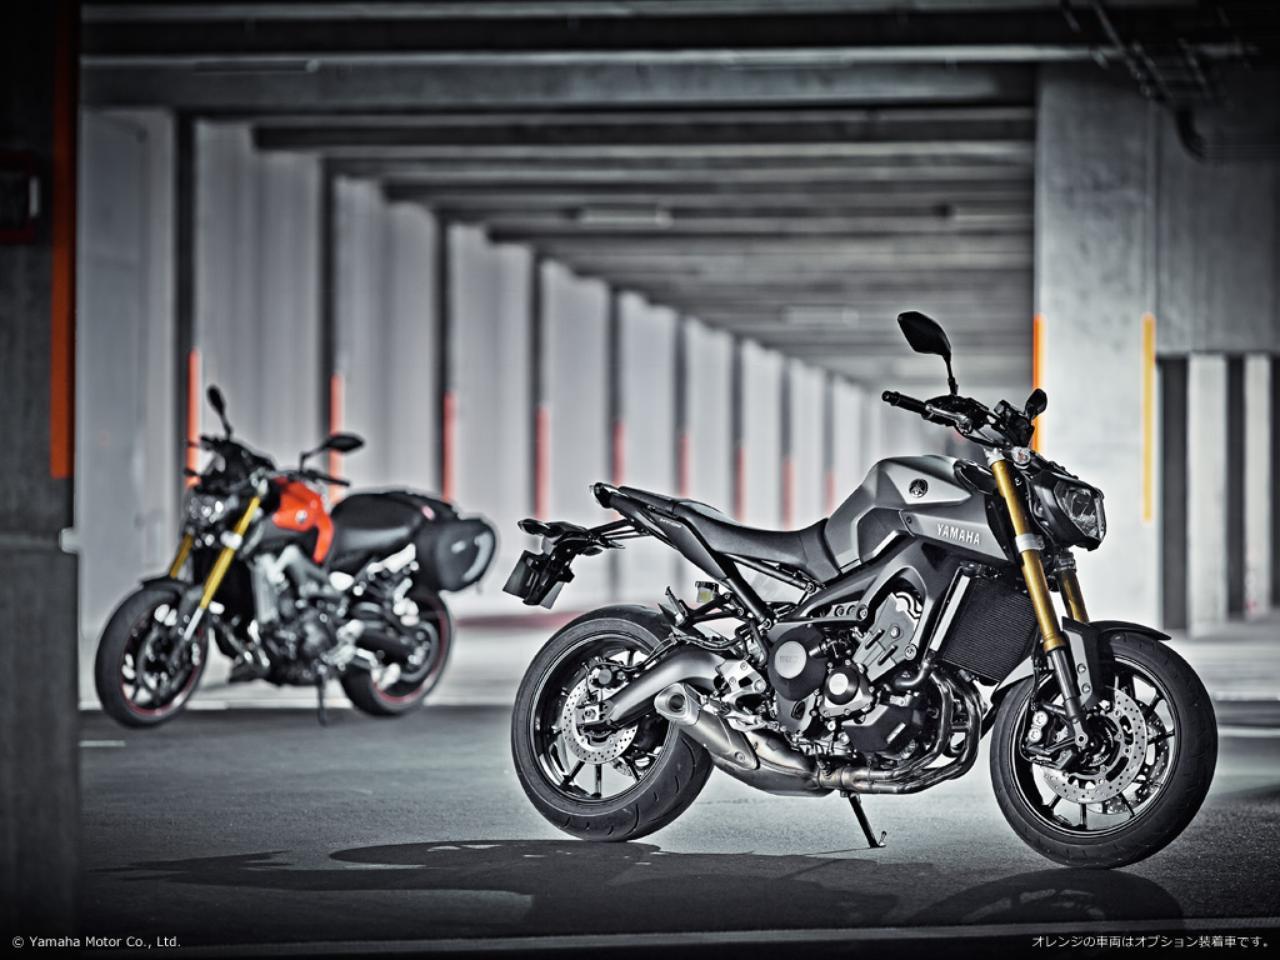 画像: ロレンスツーリング 初参加! (その2 MT-09) - LAWRENCE - Motorcycle x Cars + α = Your Life.